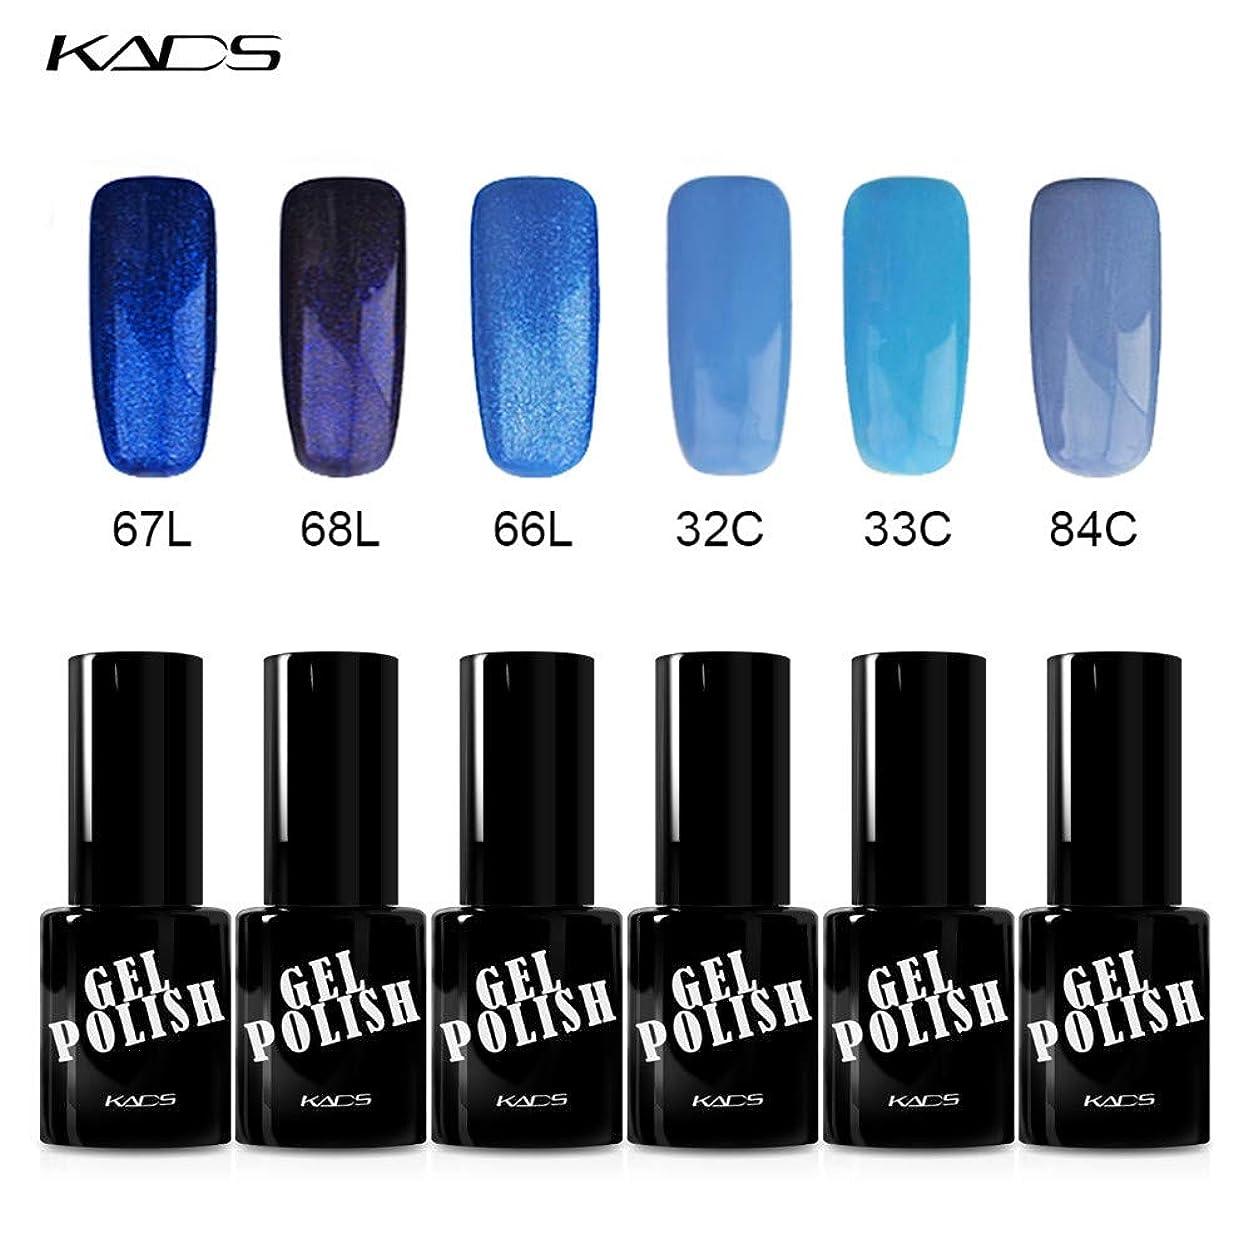 マーガレットミッチェル専門知識展開するKADS ジェルネイルカラーポリッシュ 6ボトルセット UV/LED対応 ブルー系 マニキュアセット (セット4)